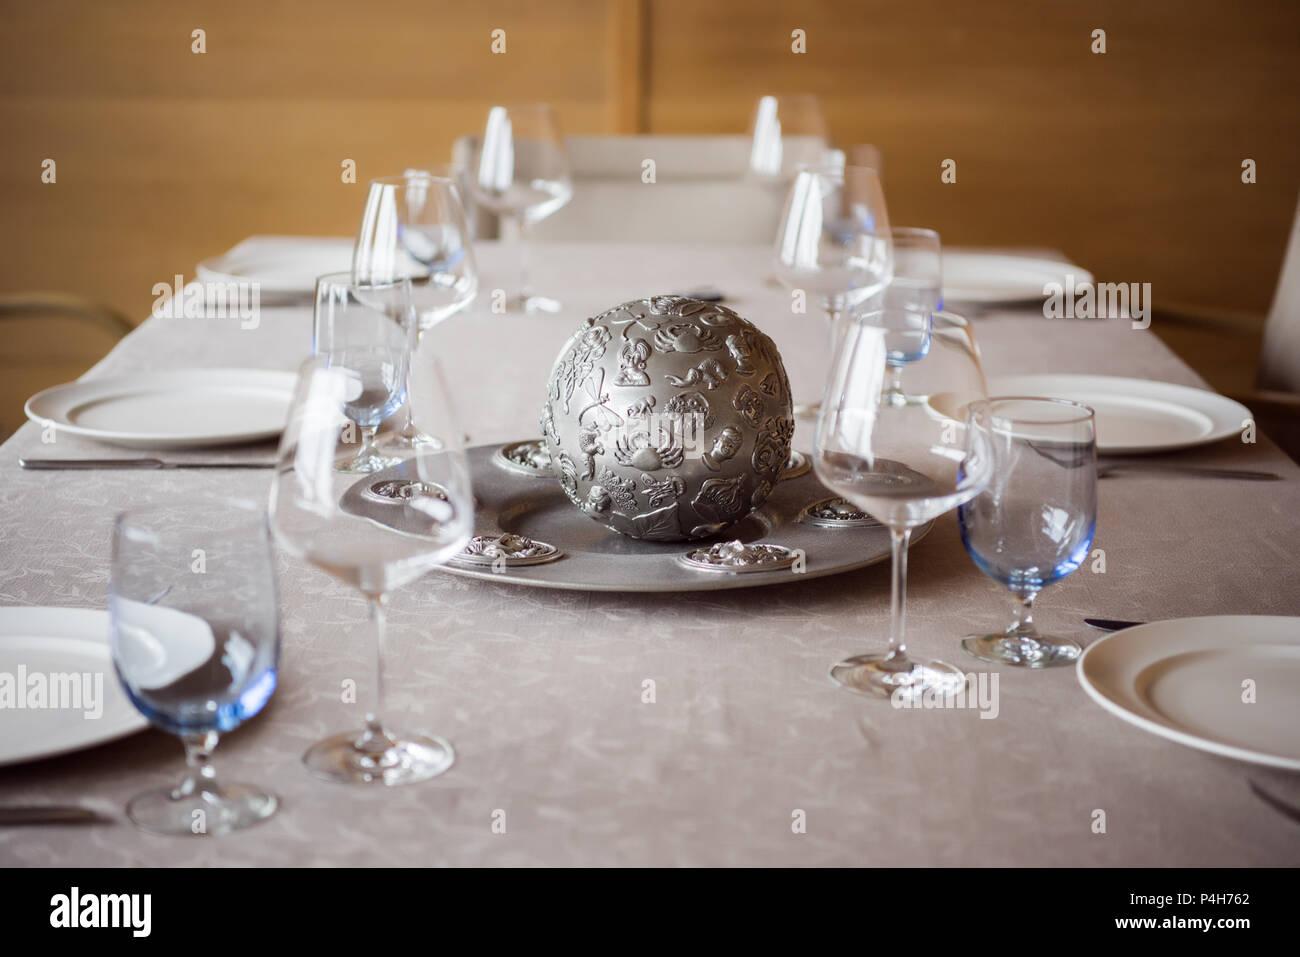 Ver de cerca la disposición de cubertería, decoraciones y wineglasses vacía sobre la mesa en el restaurante Foto de stock